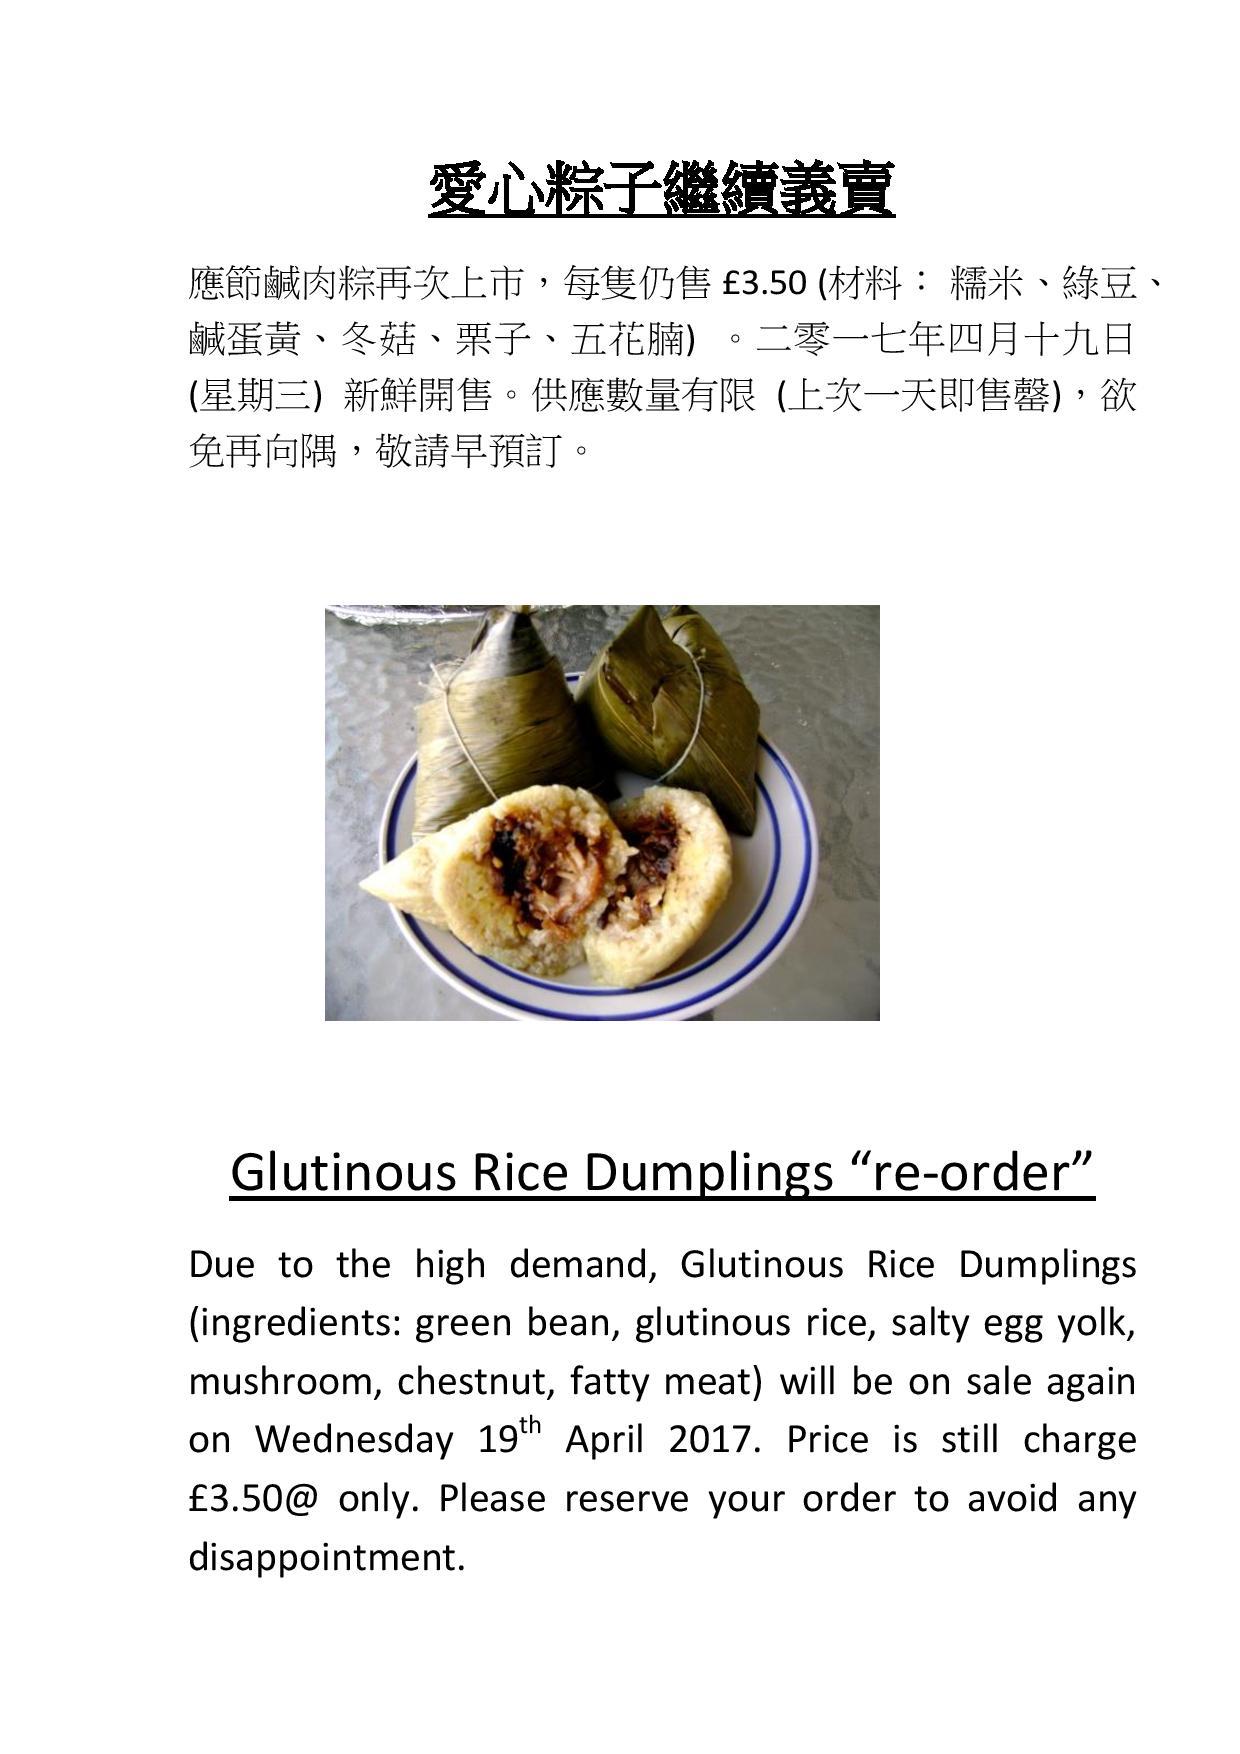 Glutinous Rice Dumplings 4.2017